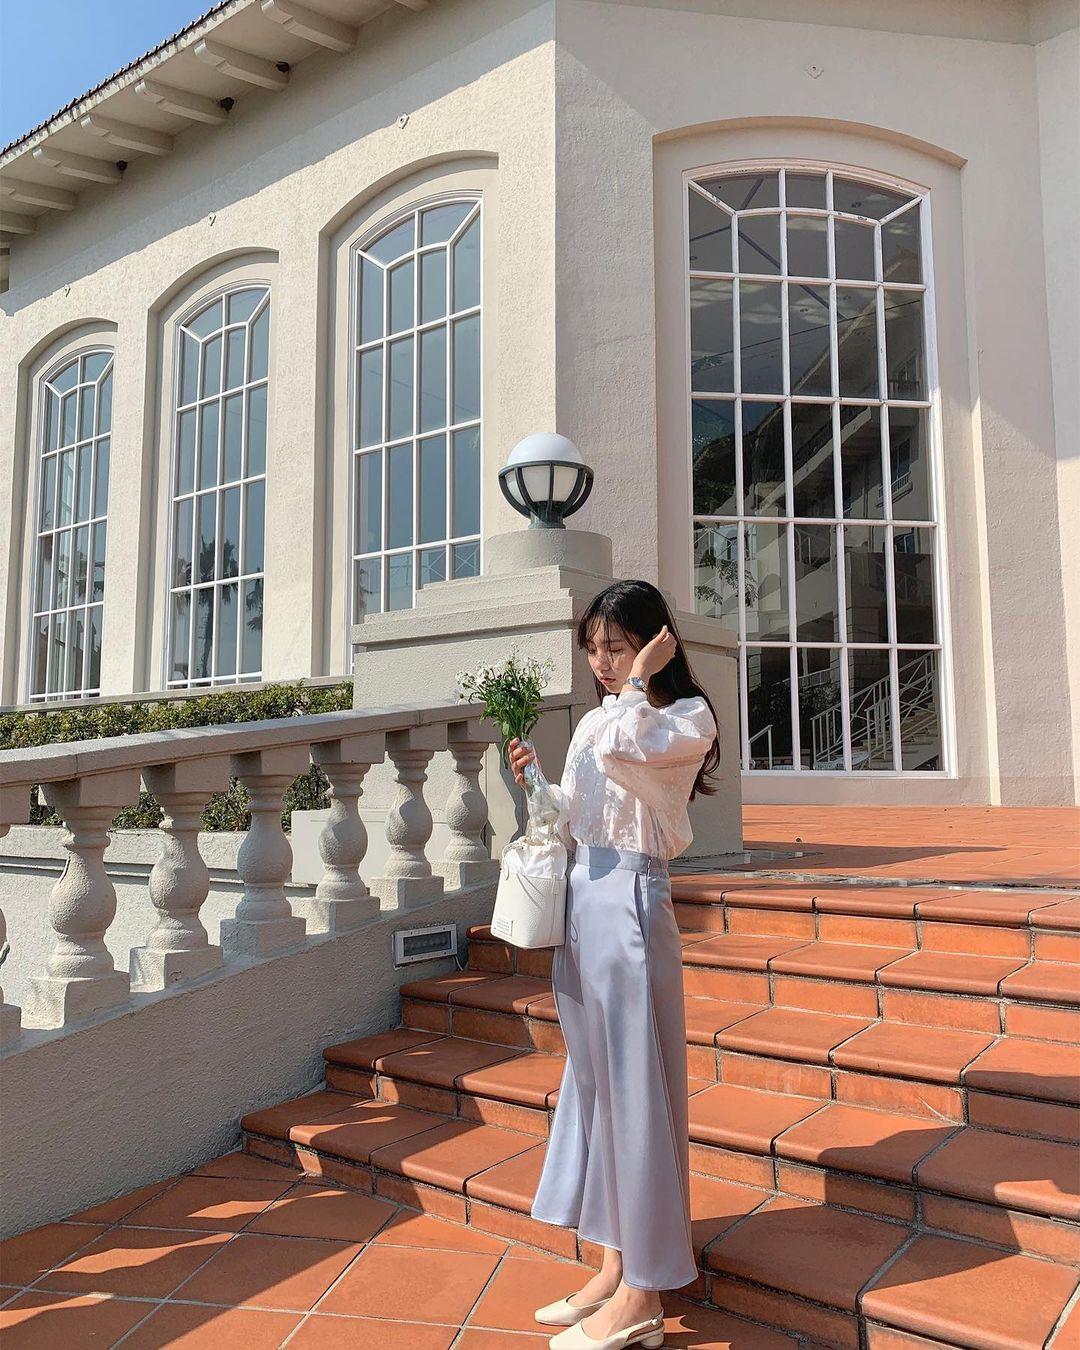 Gái Hàn có 12 cách lên đồ với áo blouse đẹp mê, xem xong là muốn copy đến sở làm liền - Ảnh 6.